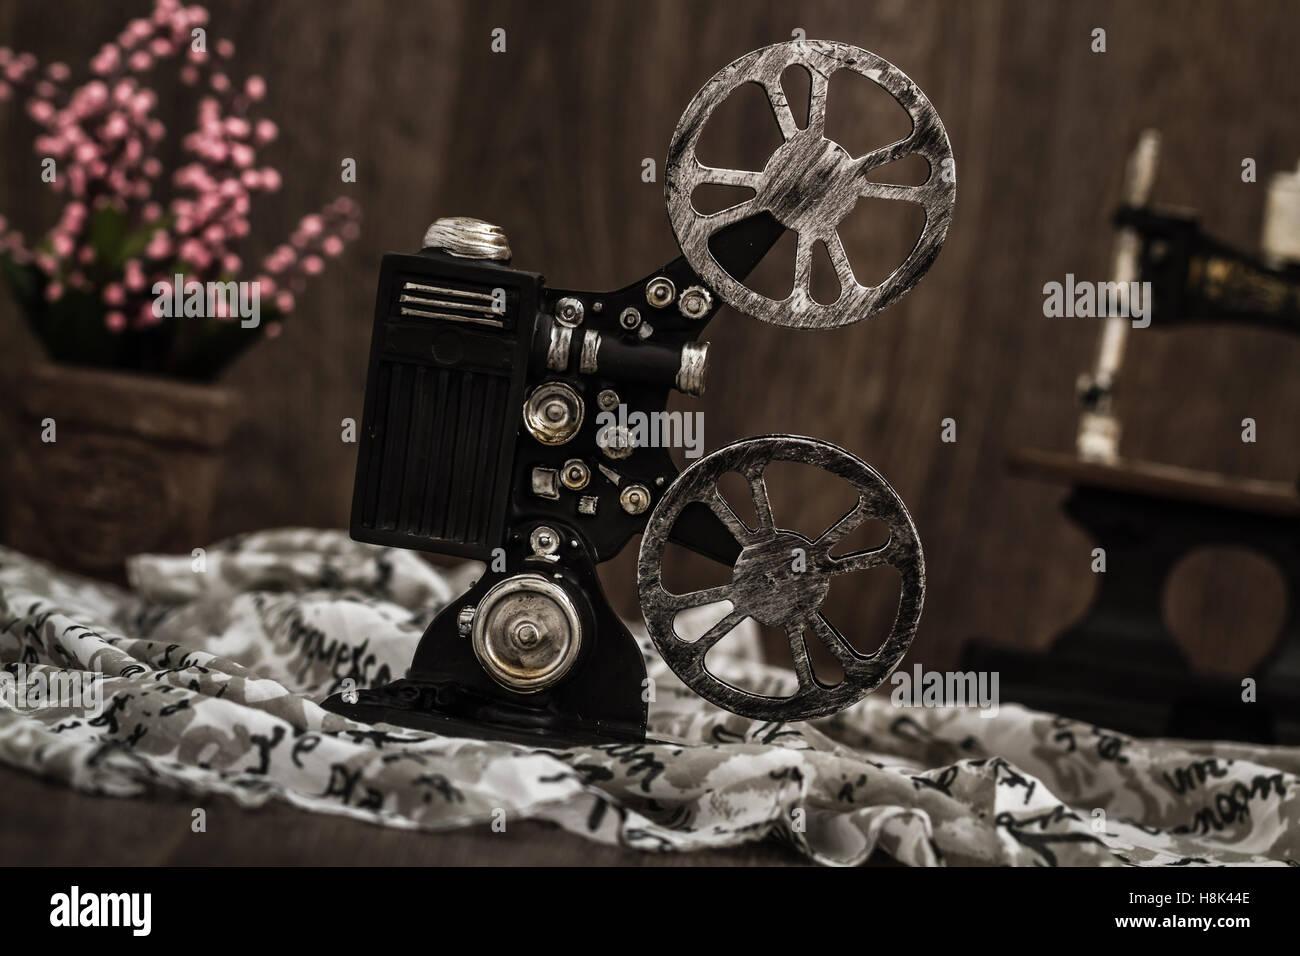 Pequeña cámara de película decorativa nostálgico sobre fondo de madera marrón Imagen De Stock